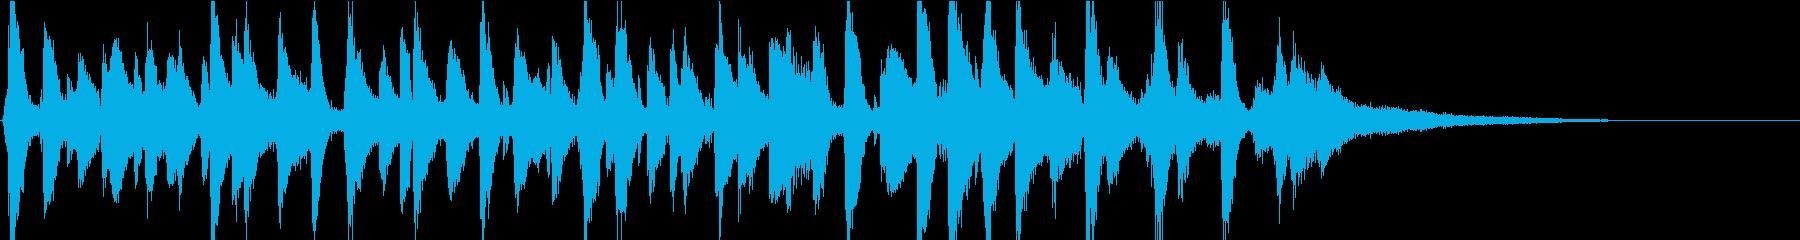 明るいピアノオールドジャズバンドジングルの再生済みの波形